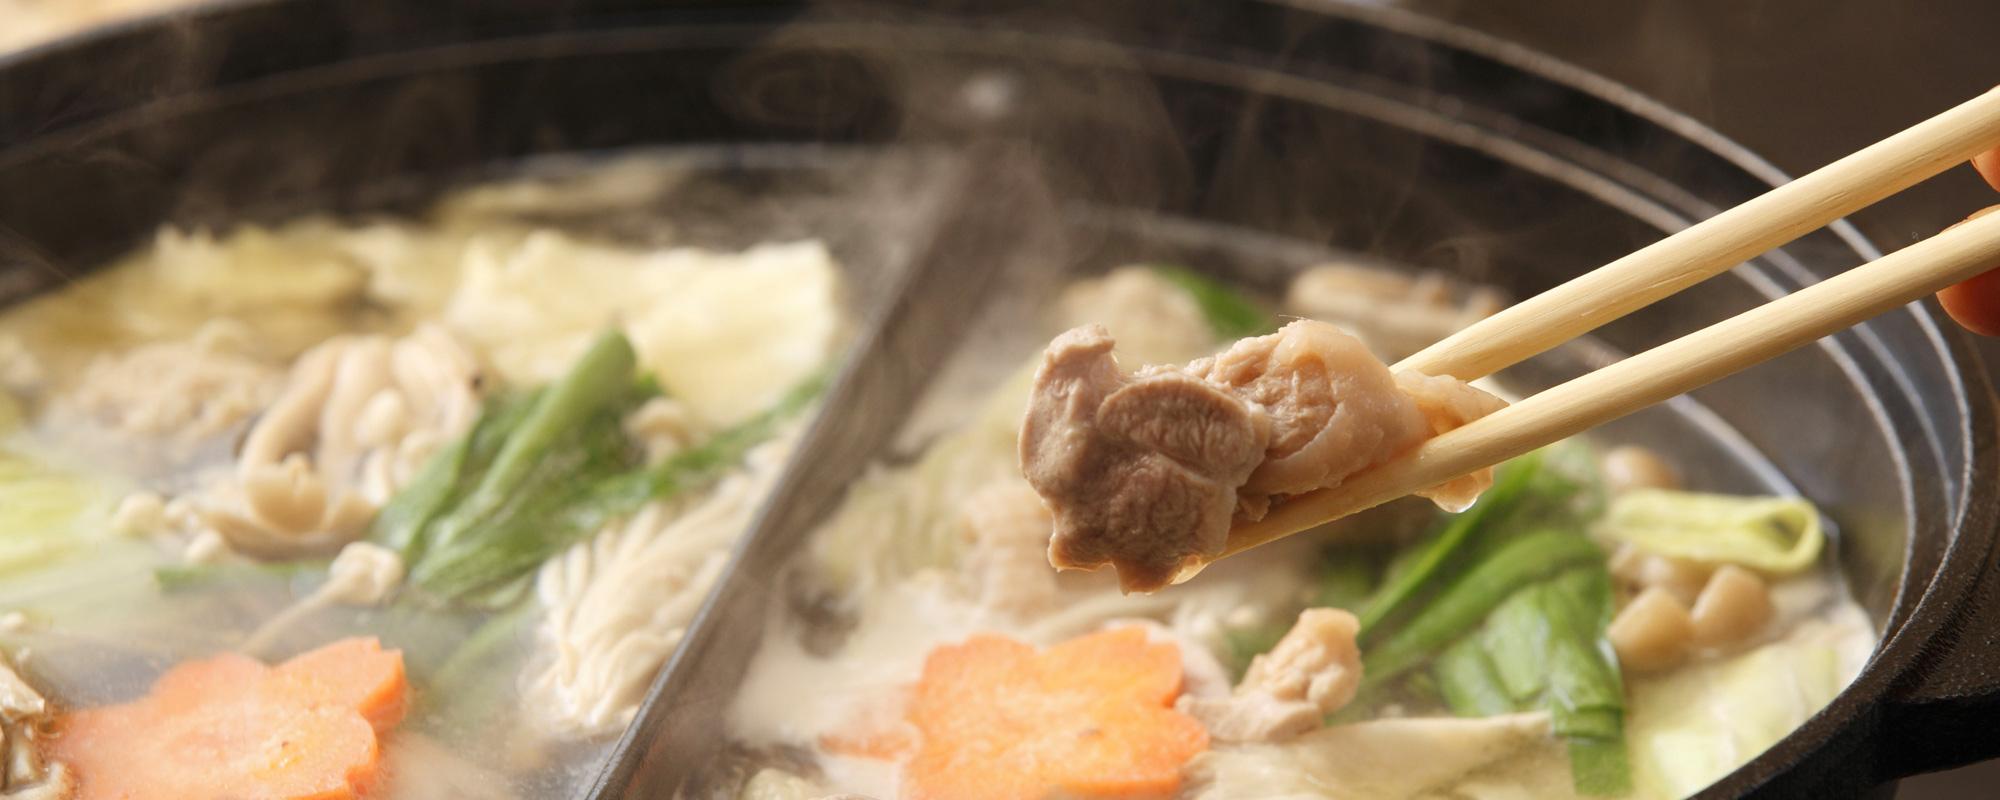 黒石市の食 よされ鍋